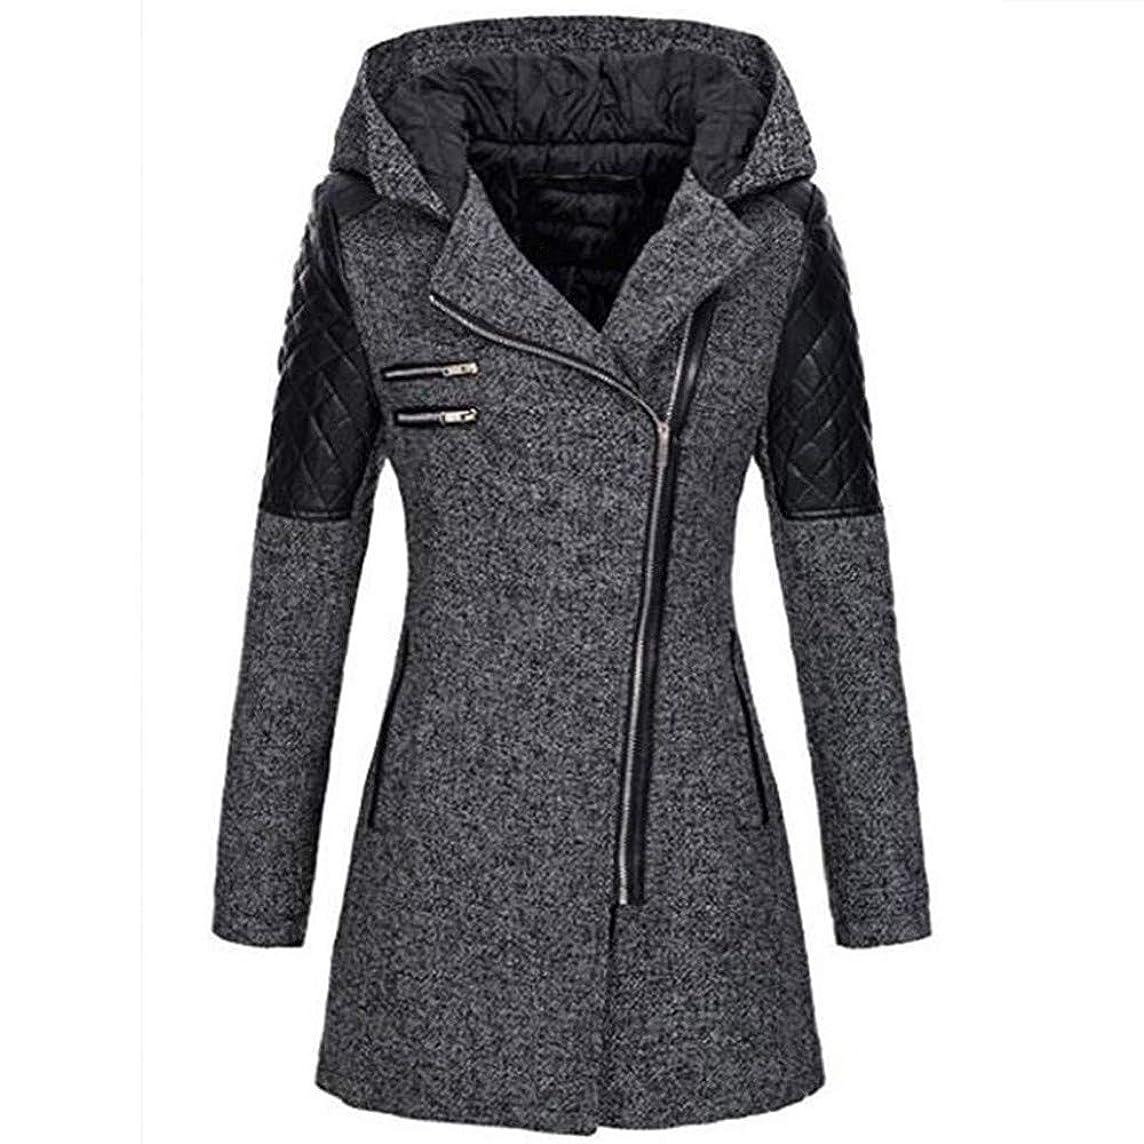 Warm Slim Jacket Thick Parka Overcoat Winter Outwear Hooded Zipper Coat Women